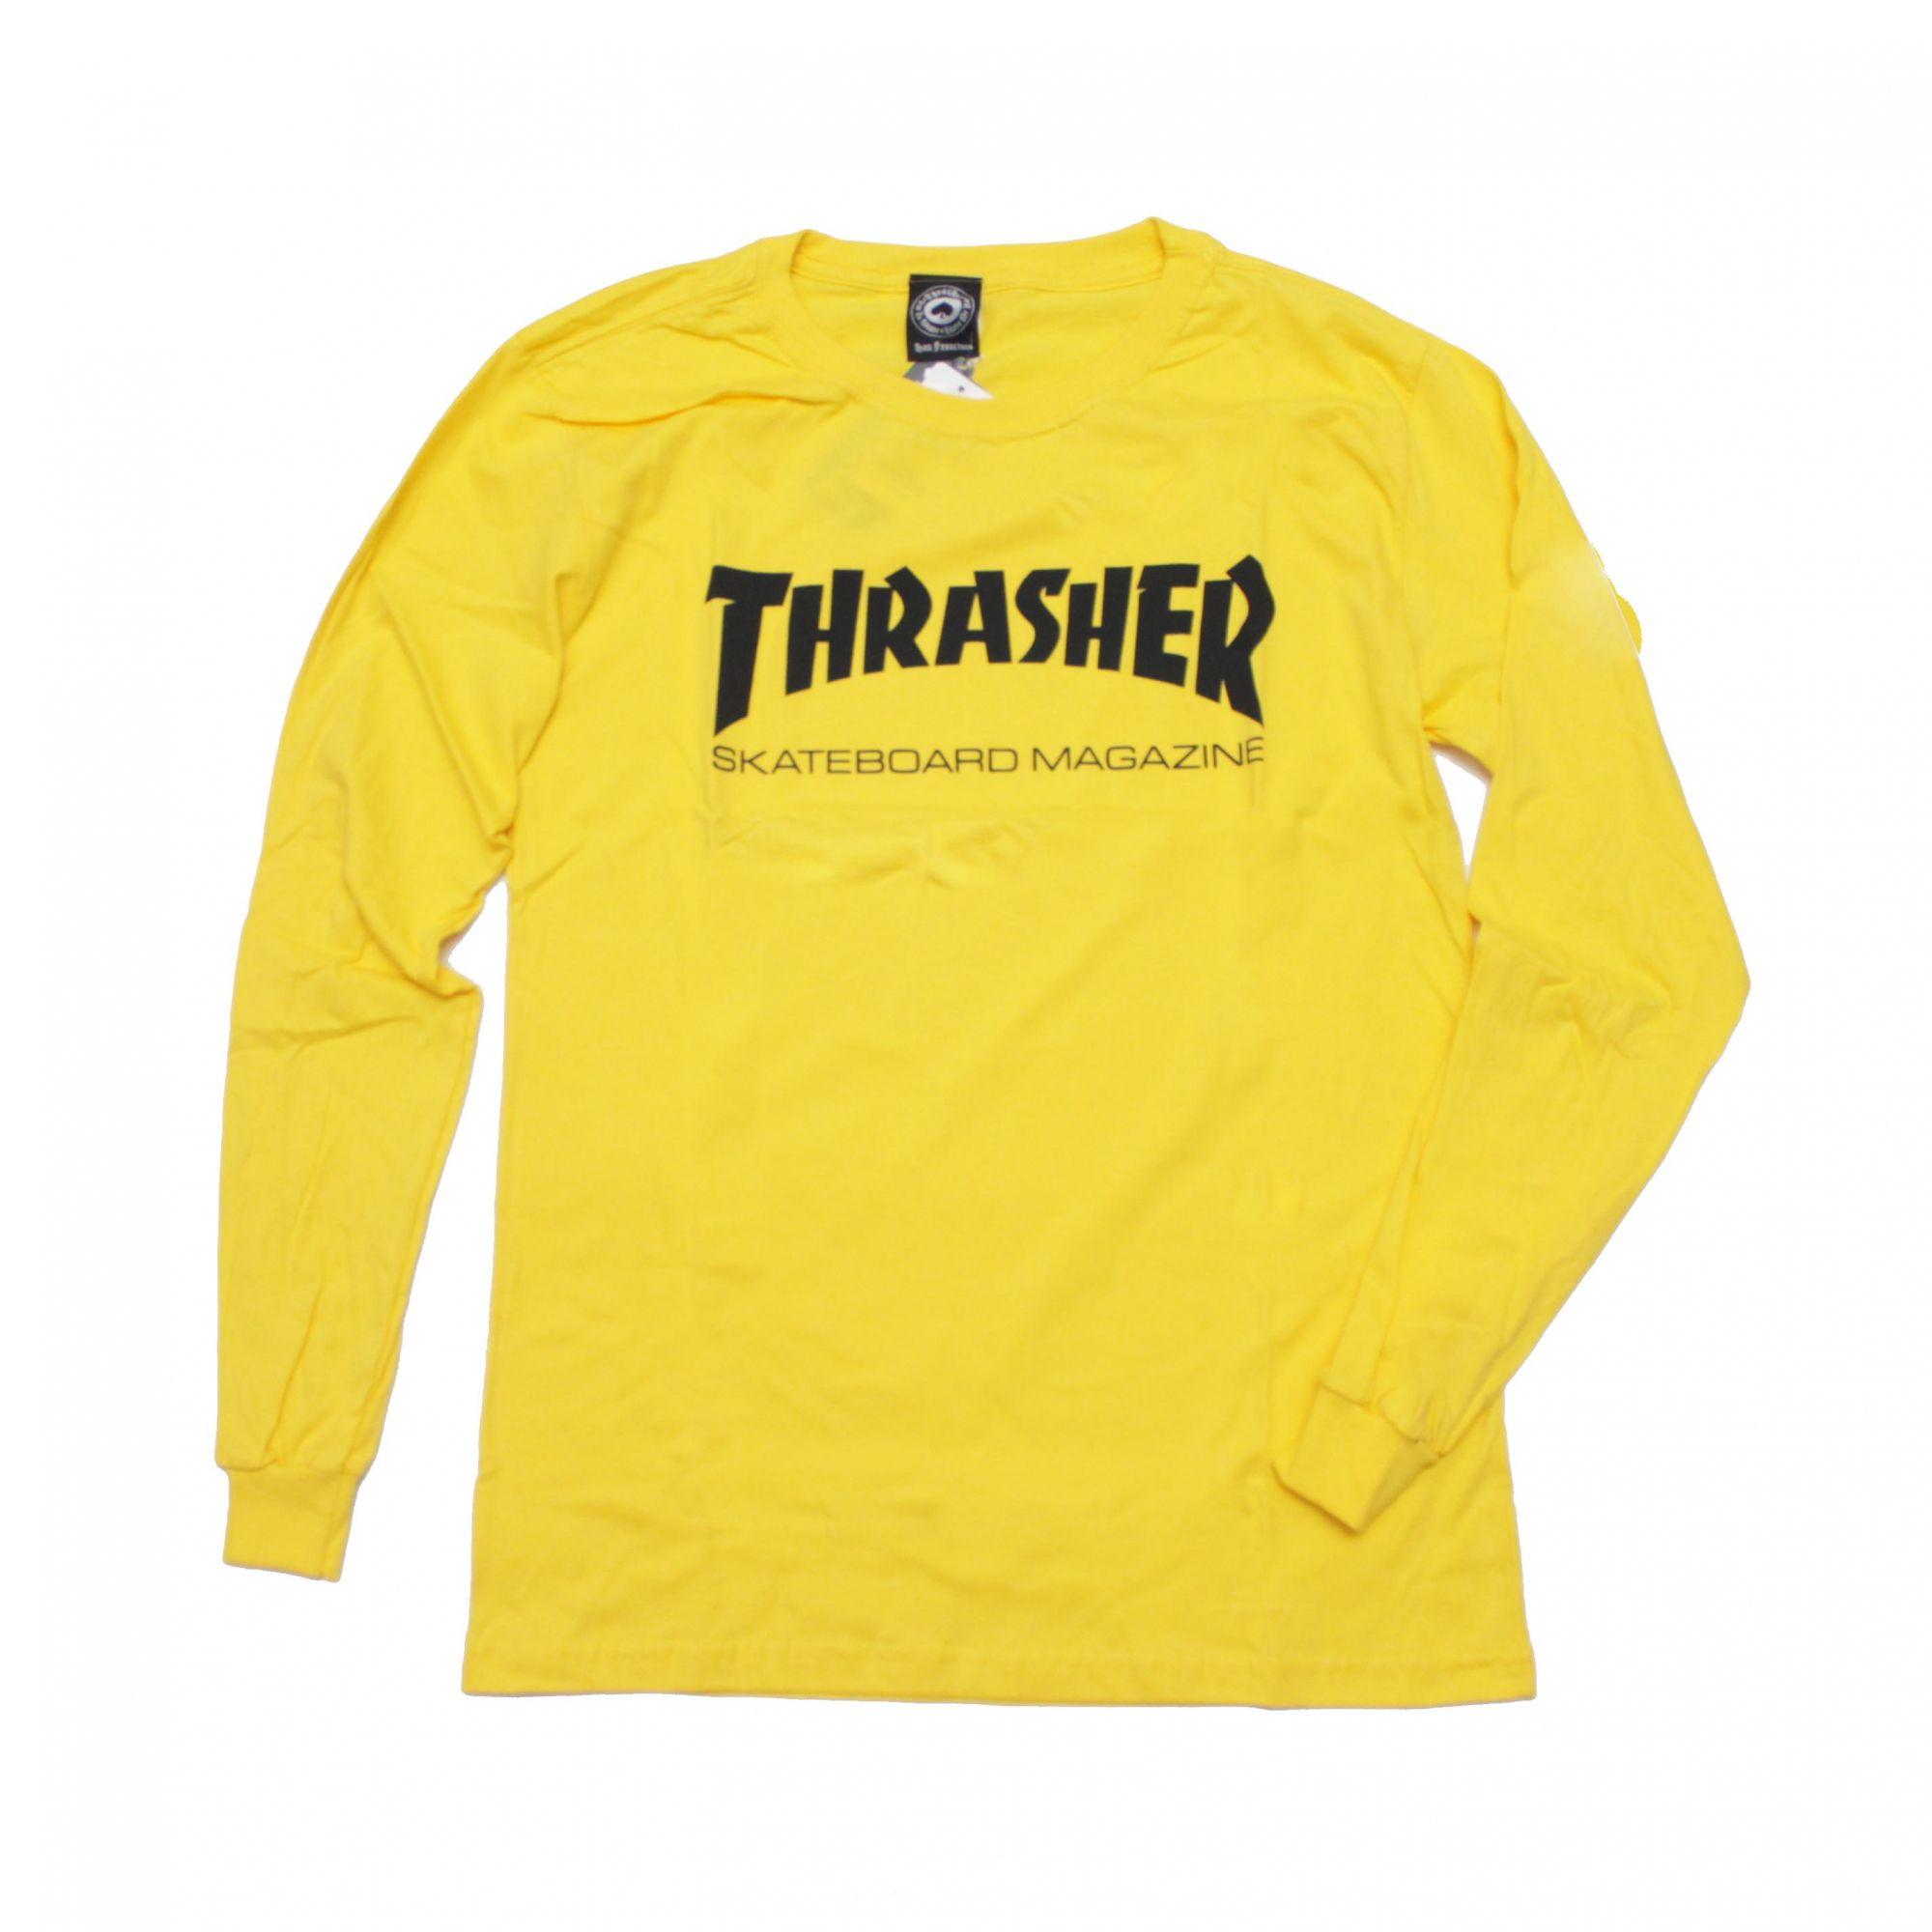 Camiseta Manga Longa Thrasher Magazine Skate Mag Amarelo